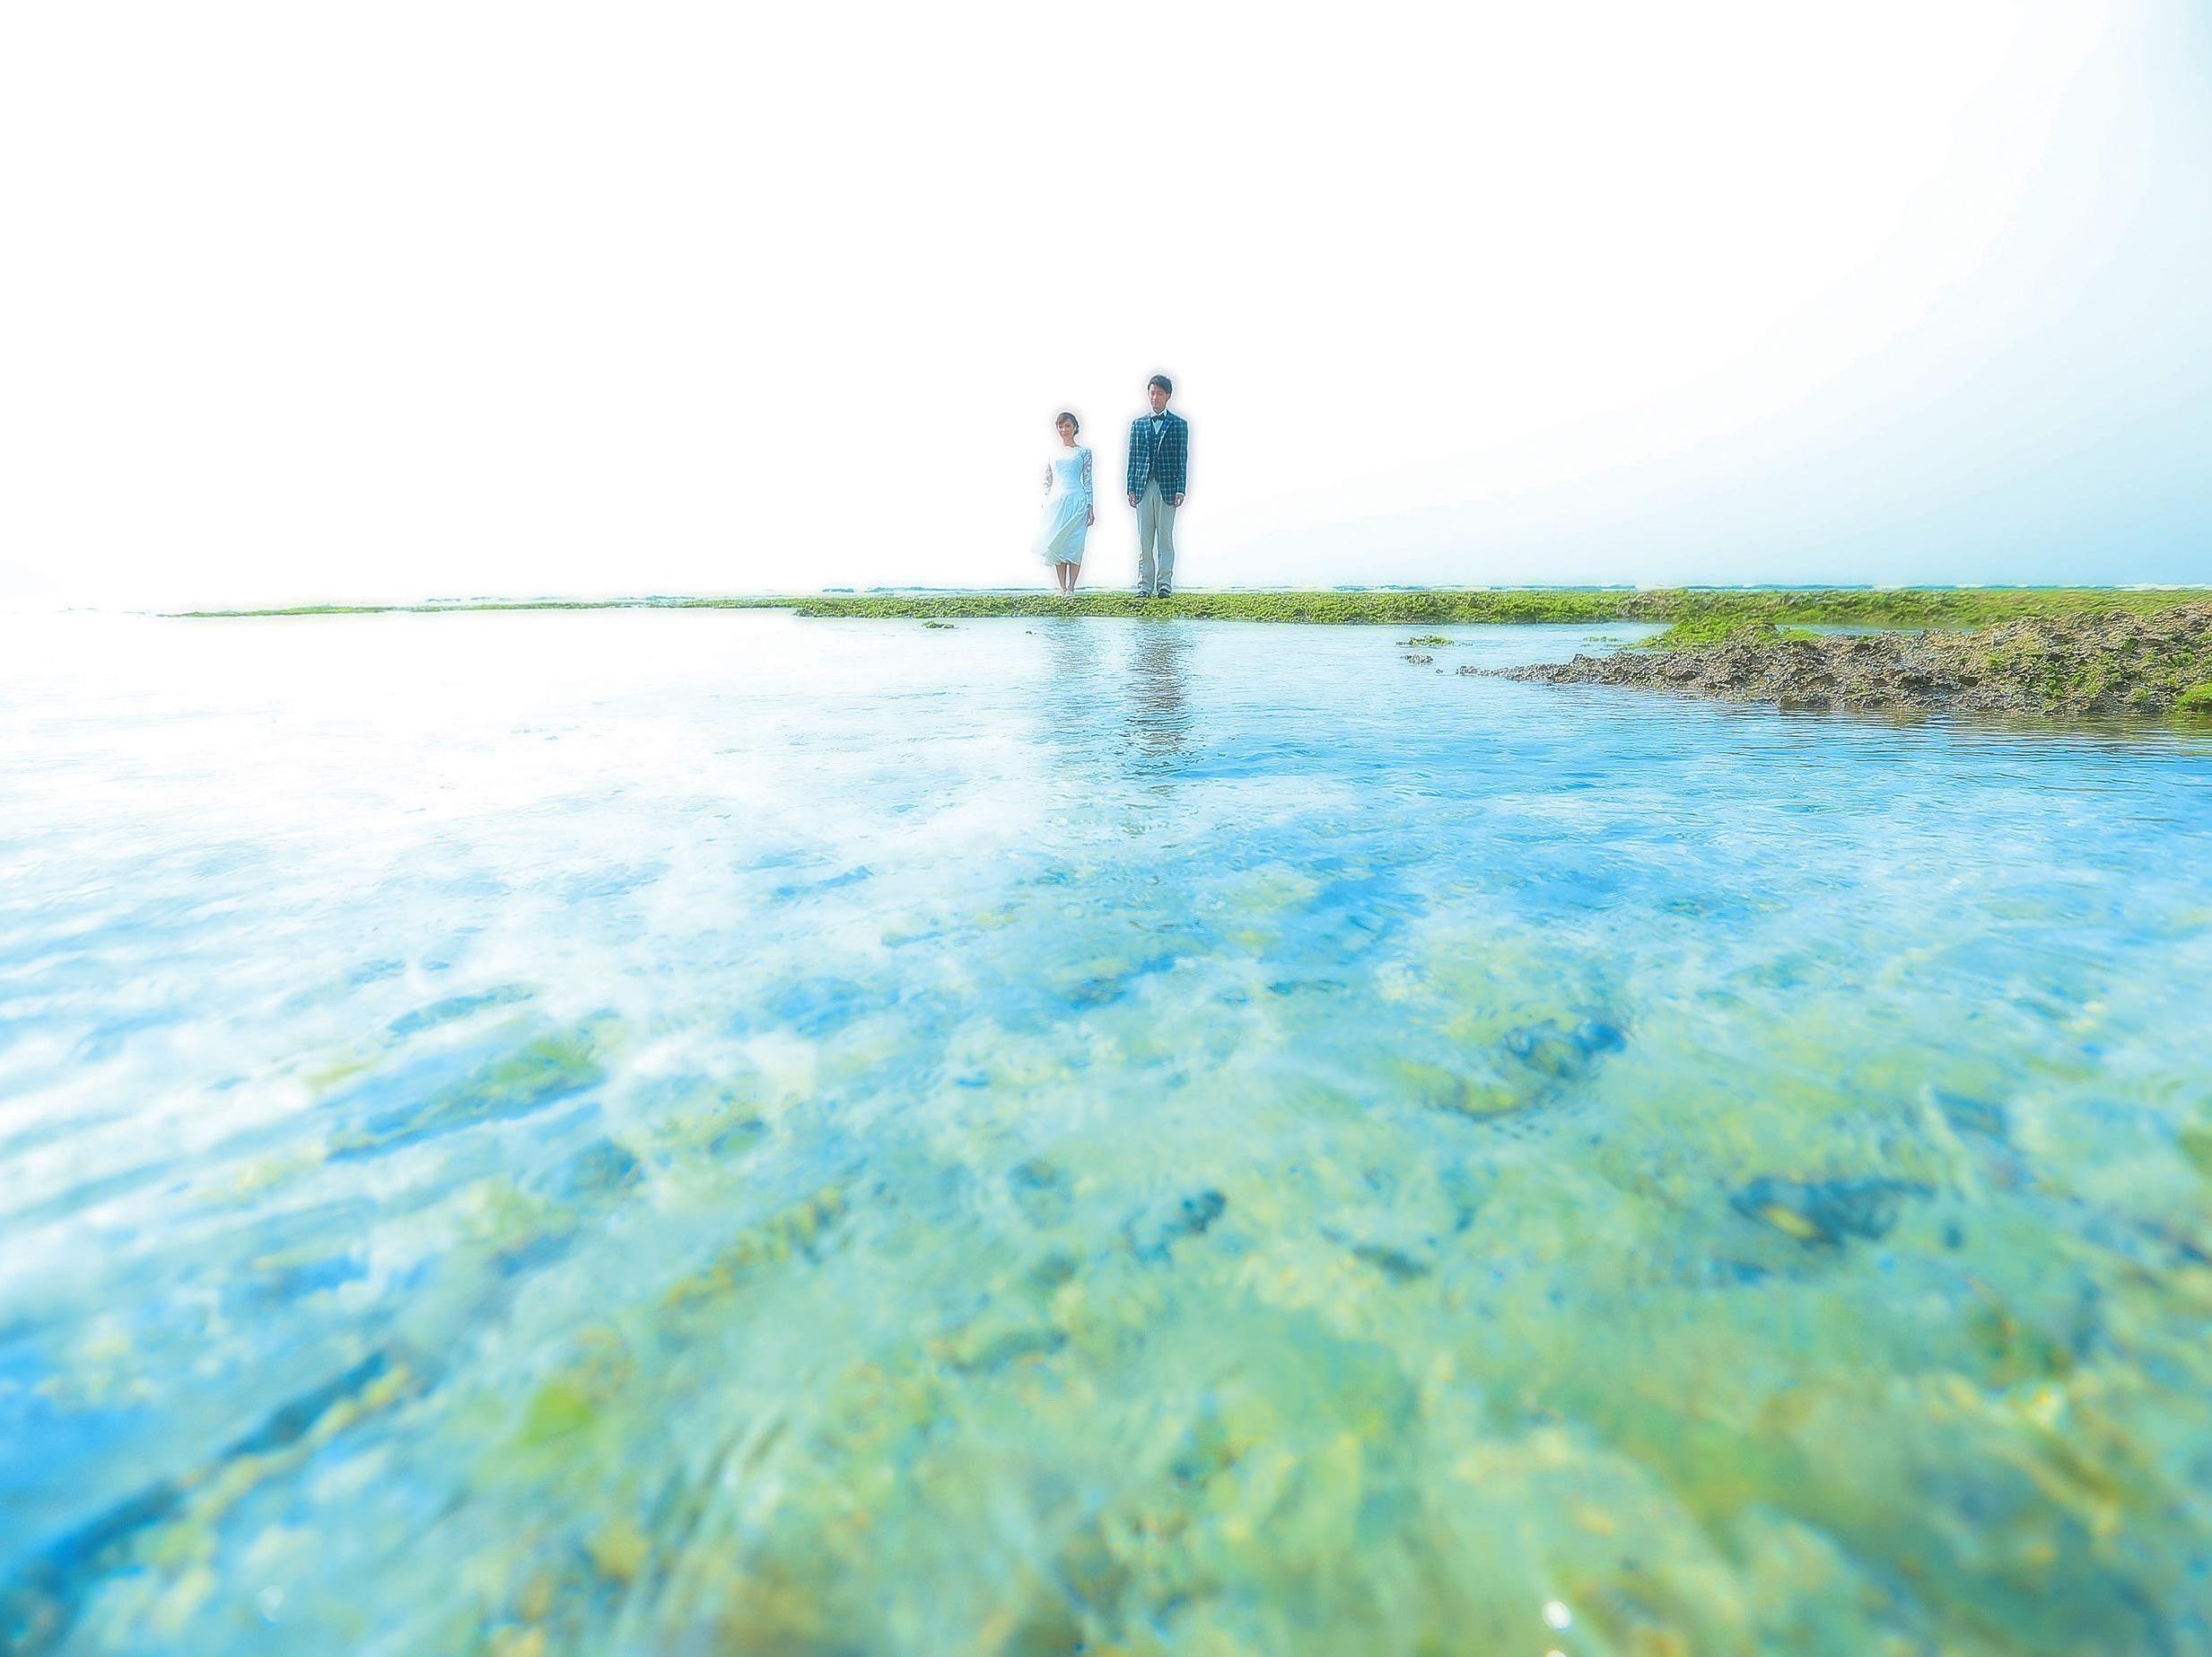 [沖縄]爽やかな海面と二人